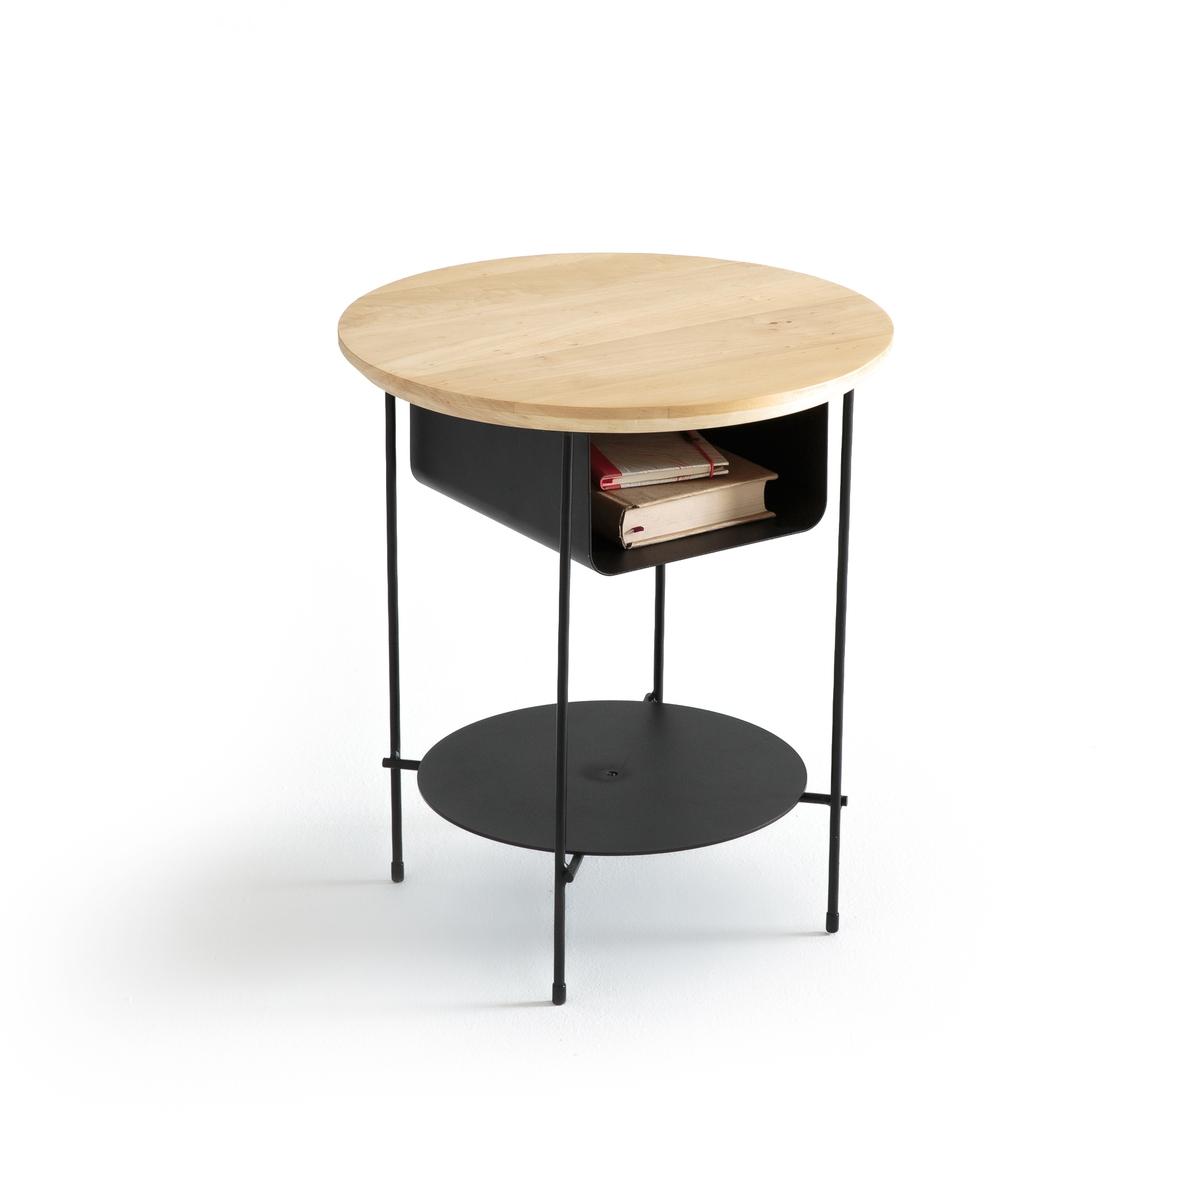 Прикроватный столик из металла и дерева, BANGORОписание:Прикроватный столик из металла и дерева BANGOR. Для использования в качестве прикроватного или приставного столика.Описание столика BANGOR :1 круглая столешница с 1 нишей + 1 подставка снизуХарактеристики столика BANGOR : столешница из массива березы. Каркас, ниша, подставка снизу и ножки из металла с покрытием эпоксидной смолойРазмеры столика BANGOR :Общие :Диаметр : 41 см. Высота: 47,7 см. Полезные размеры:Ниша : Д.21,5 x Г.24,5 x В.12,5 см. Столешница и подставка снизу: ?30 смРазмеры и вес упаковки :1 ящик. Д.58 x Г.47 x В.20 см. 7,5 кгДоставка :Прикроватный столик BANGOR требует самостоятельной сборки. Доставка до квартиры по предварительной договоренности! Внимание!! Убедитесь, что посылку возможно доставить на дом, учитывая ее габариты.<br><br>Цвет: черный/ дерево